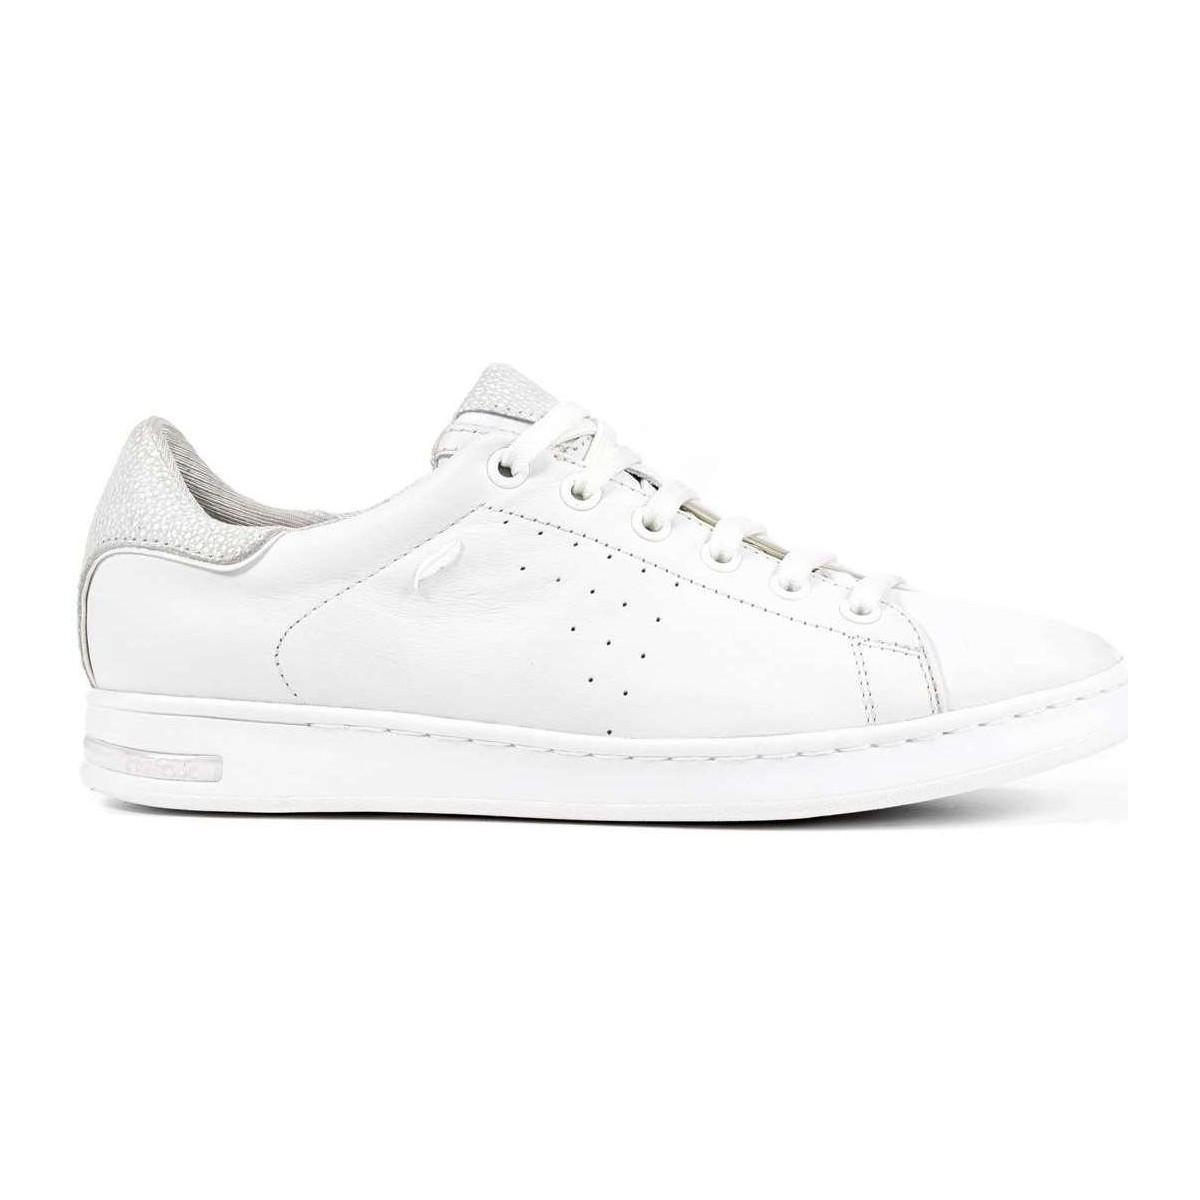 b1757615347 Geox D621ba 00085 Sneakers Women White Women s Shoes (trainers) In ...